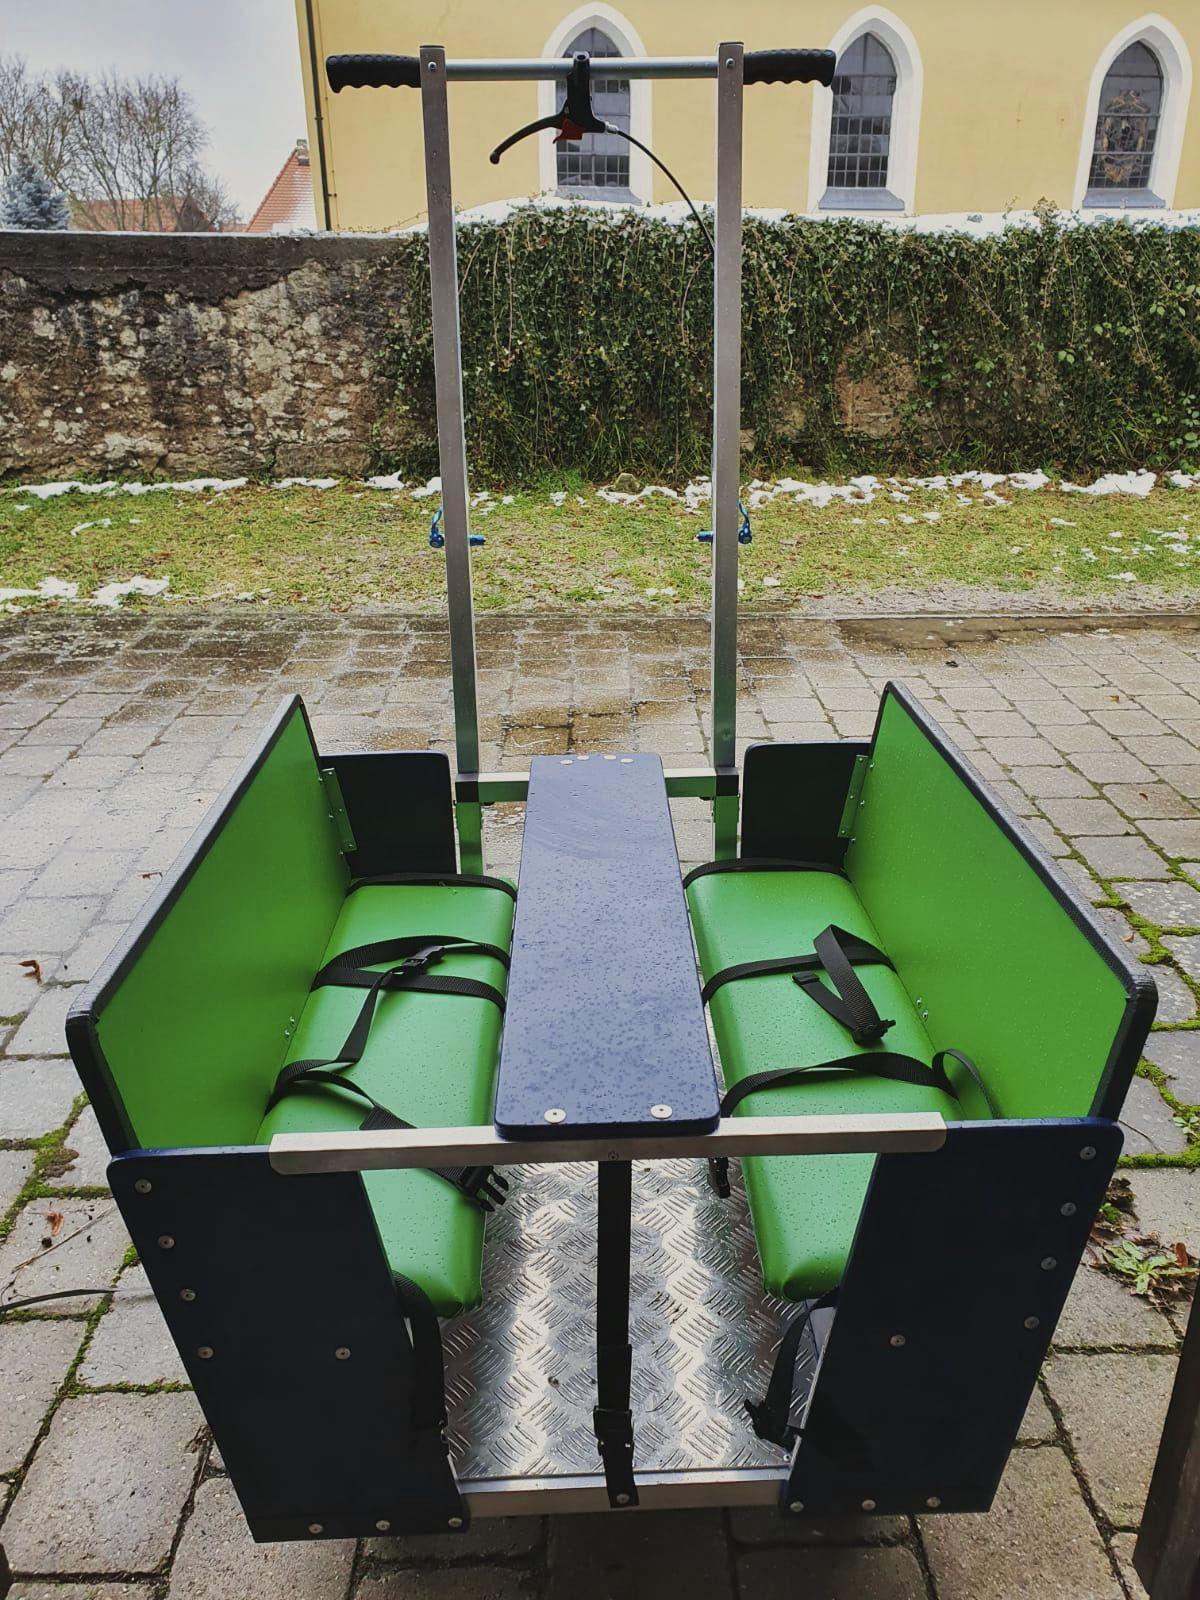 Grüner Kinderbus steht im Garten der Kita